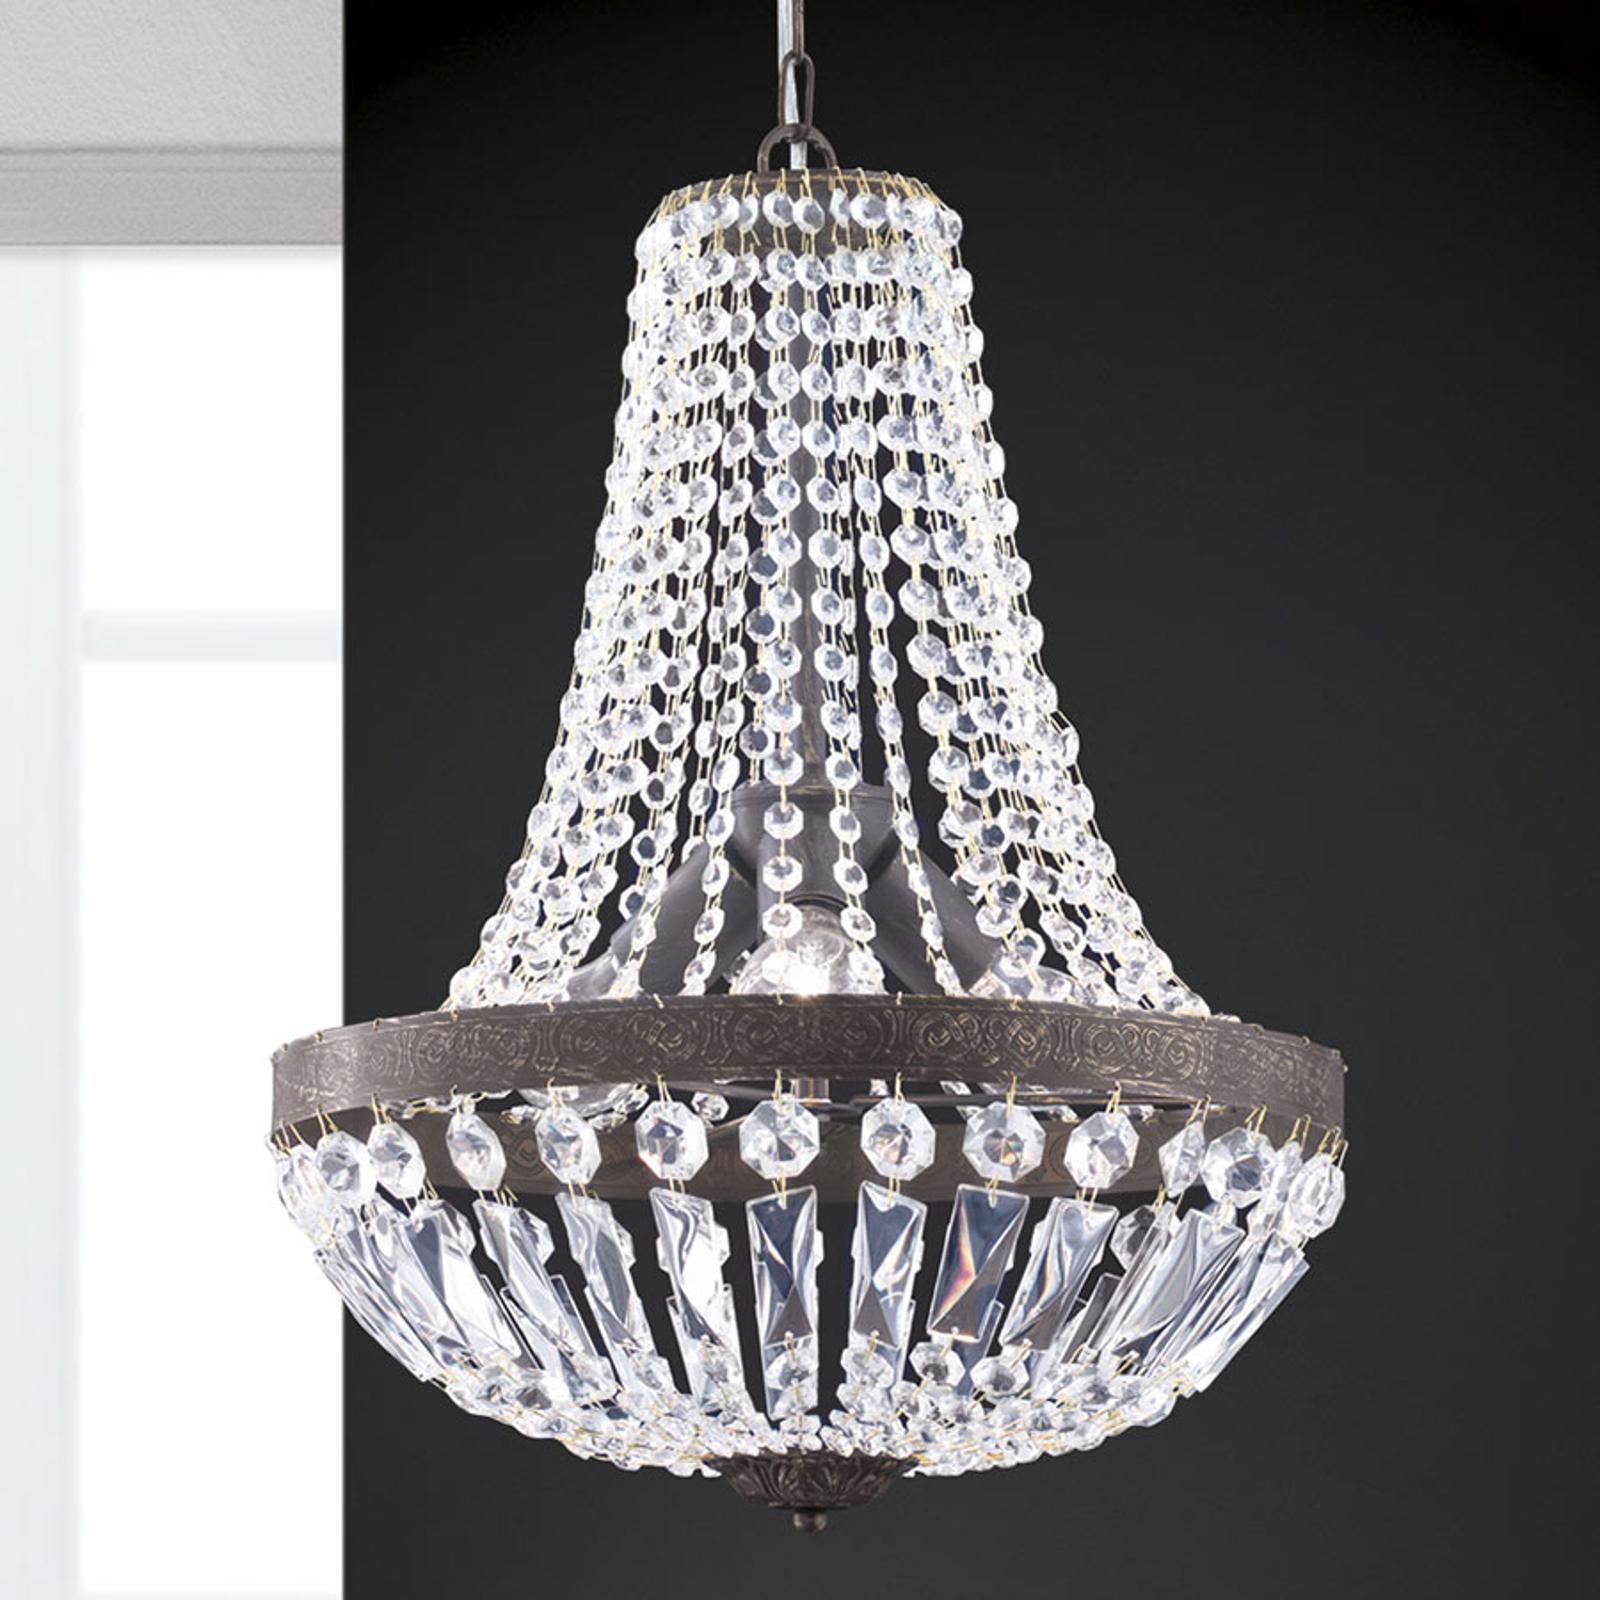 Suspension Andara, chaînes de cristaux, Ø 40 cm